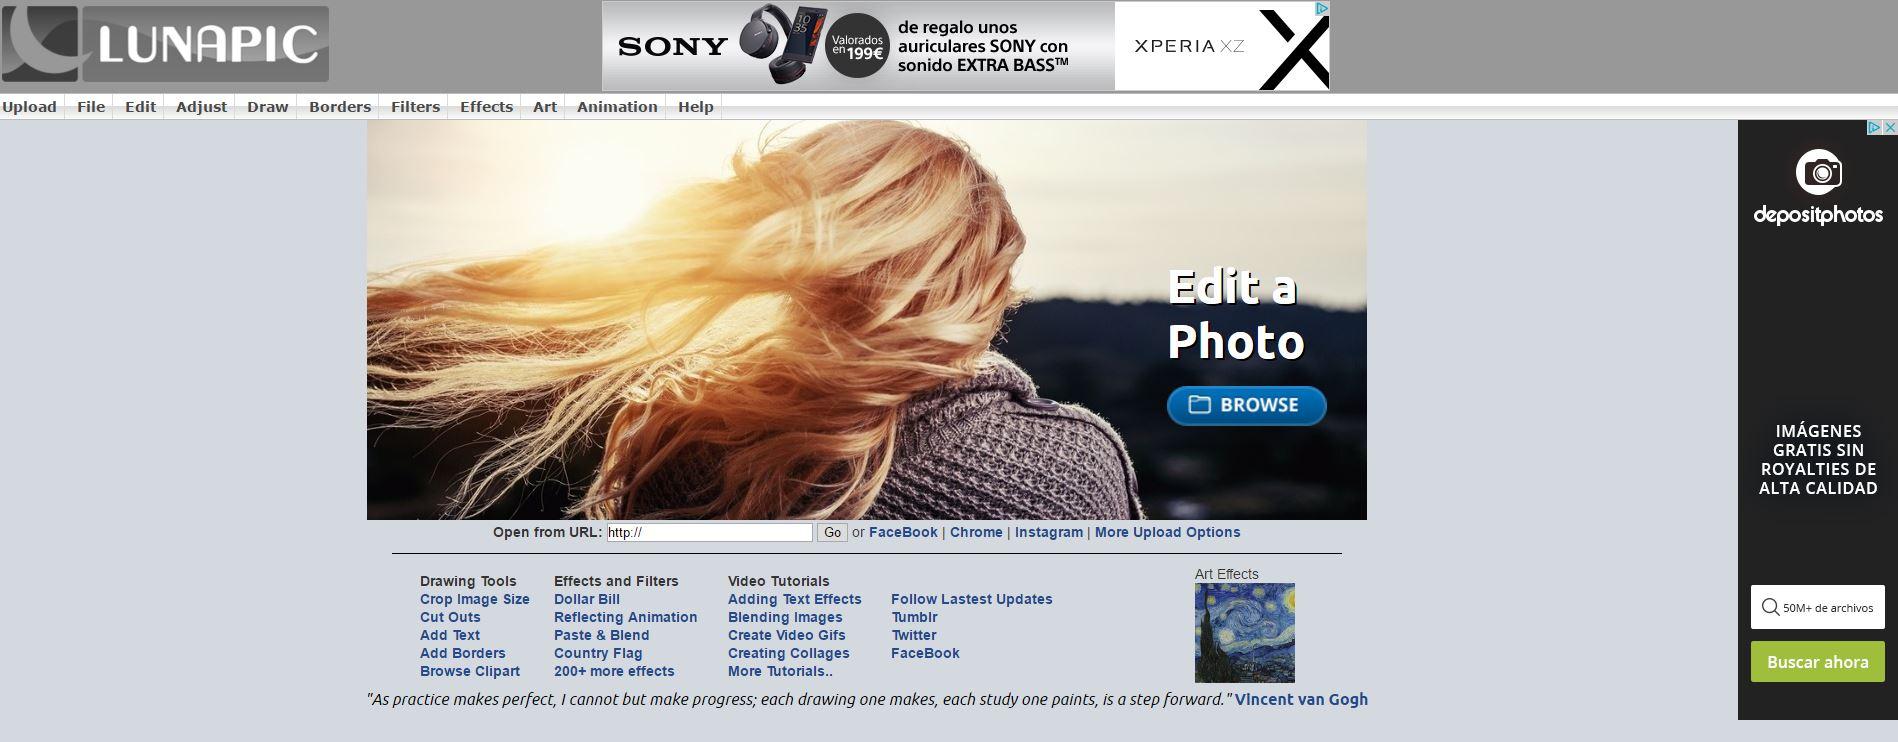 LunaPic - Editor gratuito Online de fotografías